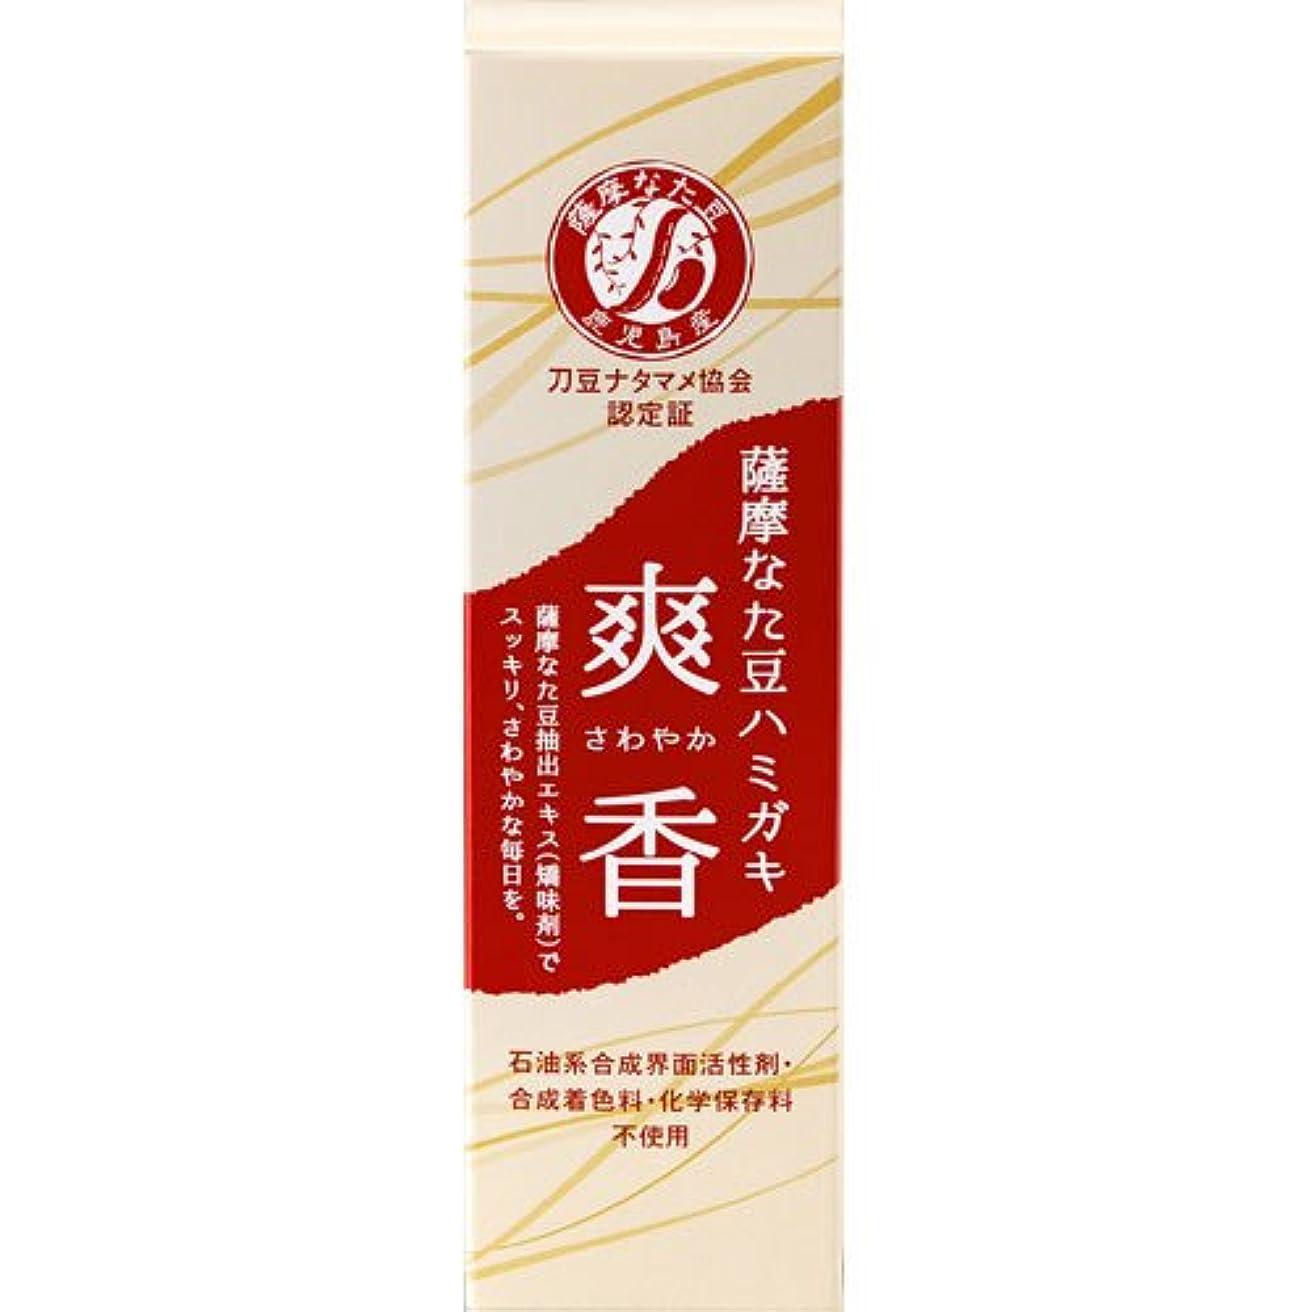 コメンテーター重要砂漠薩摩なた豆歯磨き 爽香(さわやか) 125g